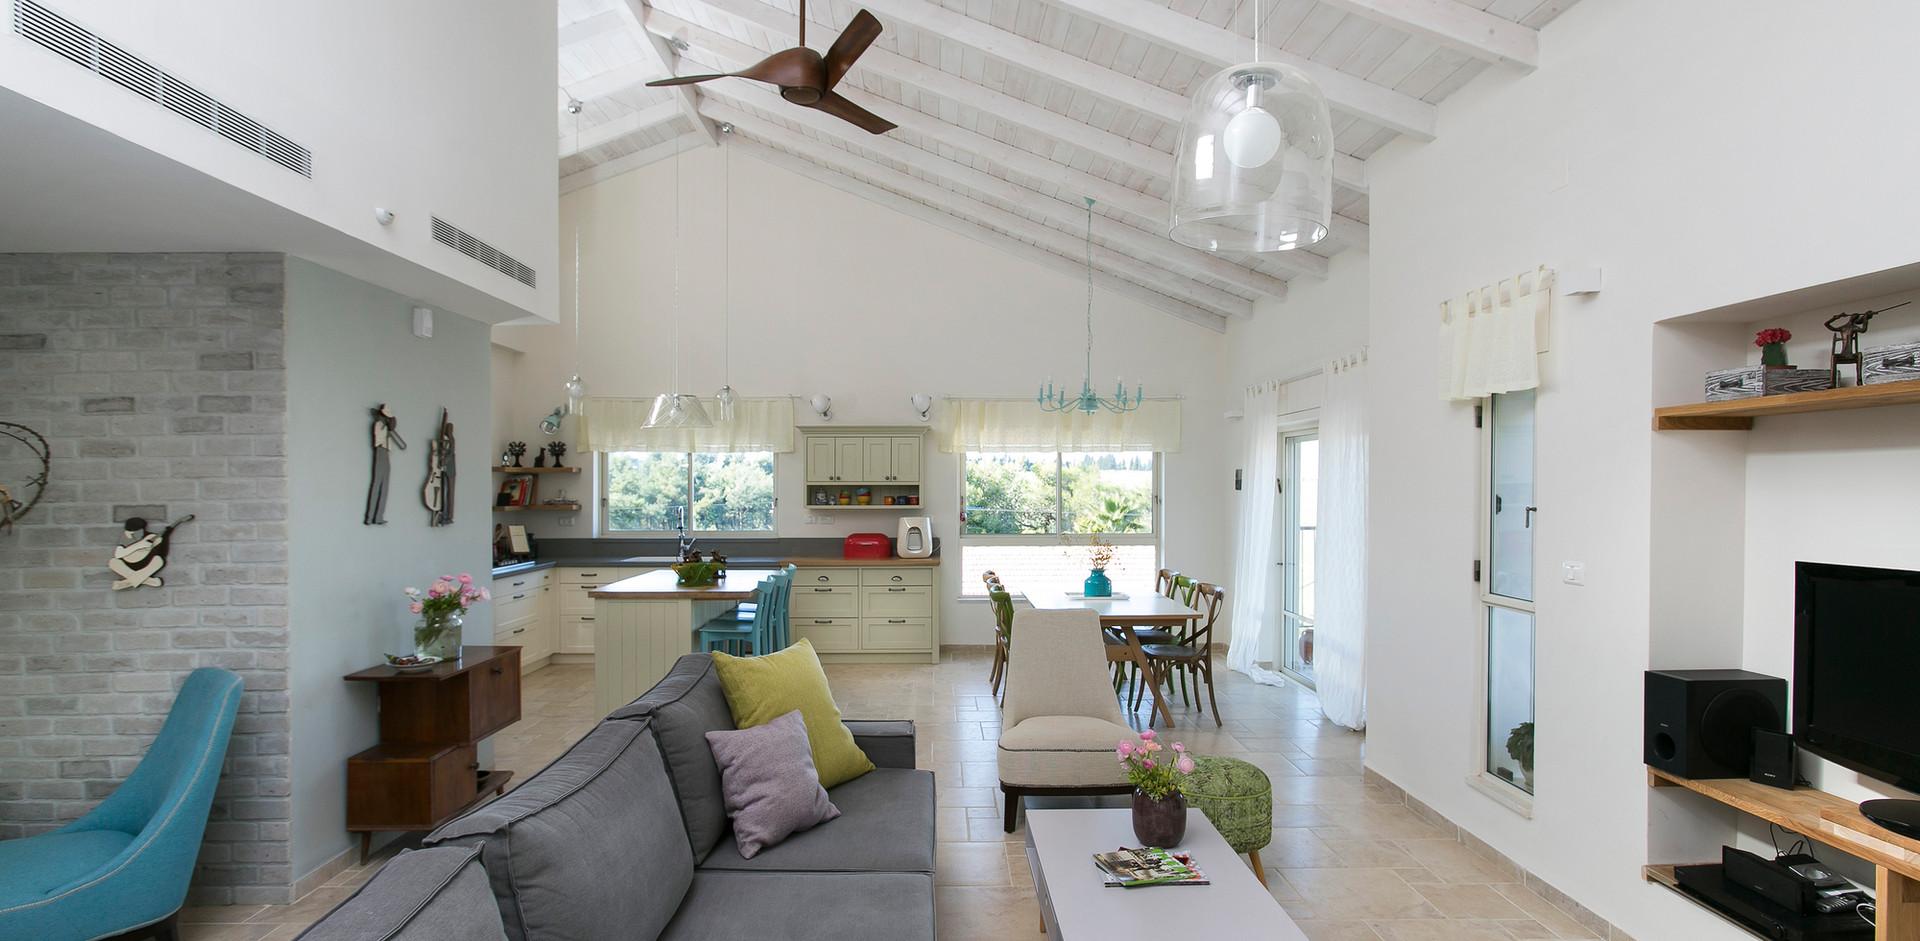 תכנון חלל מרכזי פתוח לכניסה לבית,לחדר המשפחה ולמטבח